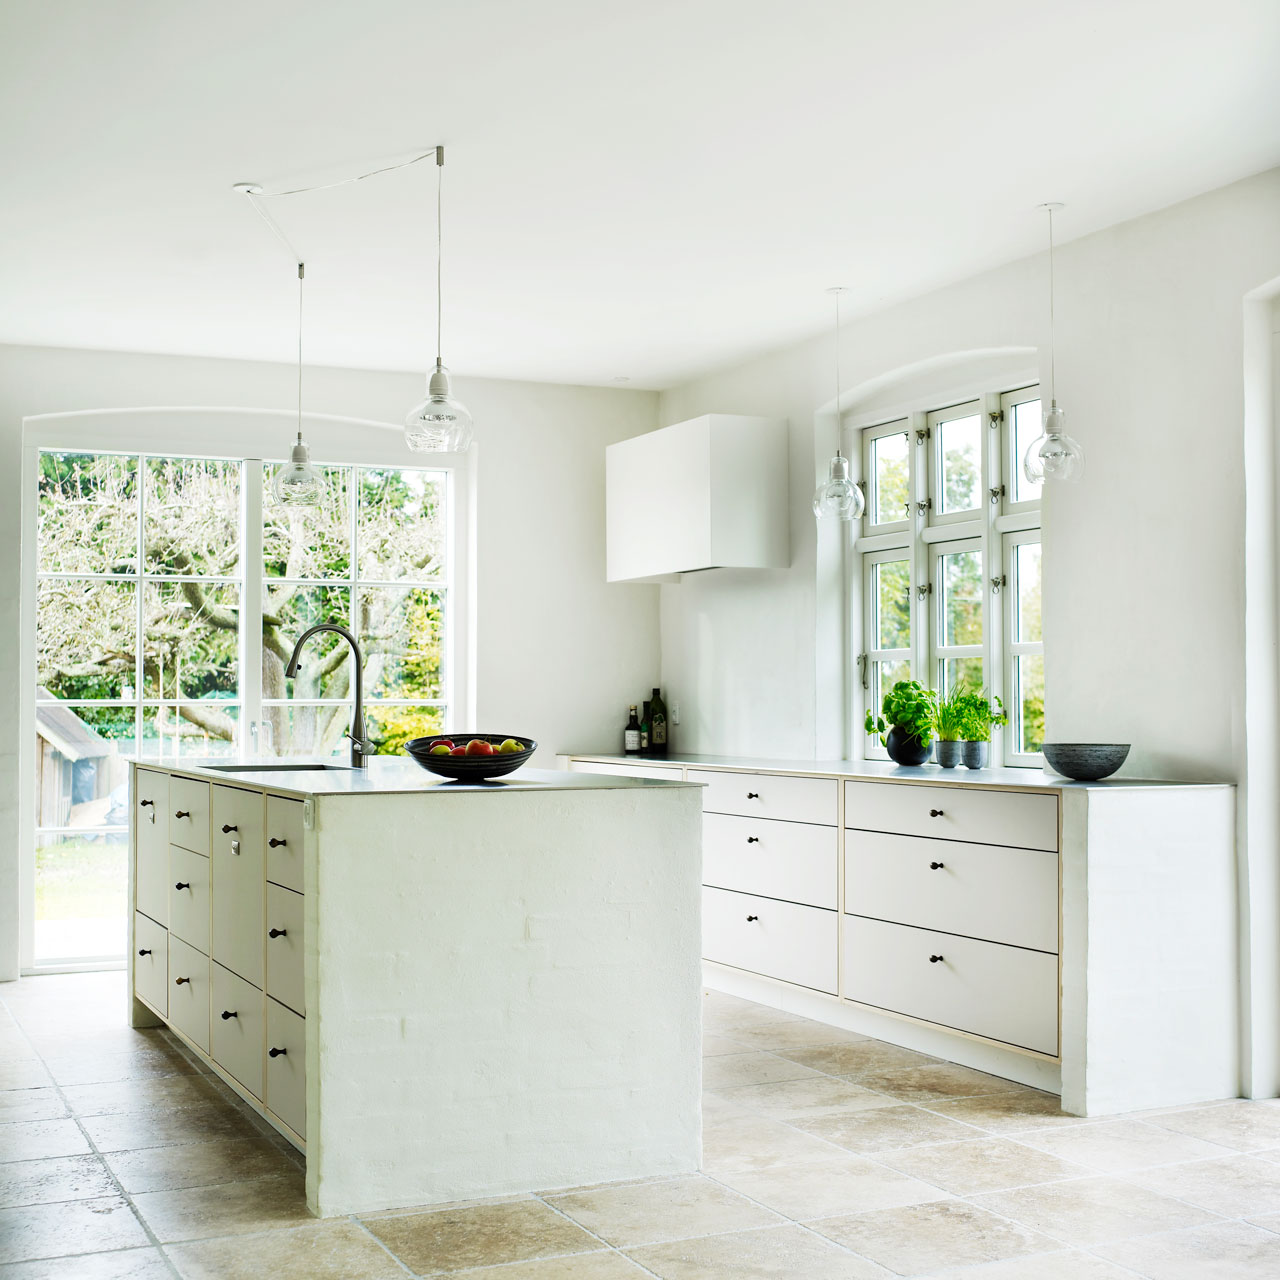 #759E2D Bedst Landkøkken I Birk Og Linoleum Køkkenskaberne Fransk Landkøkken Stil 4823 128012804823